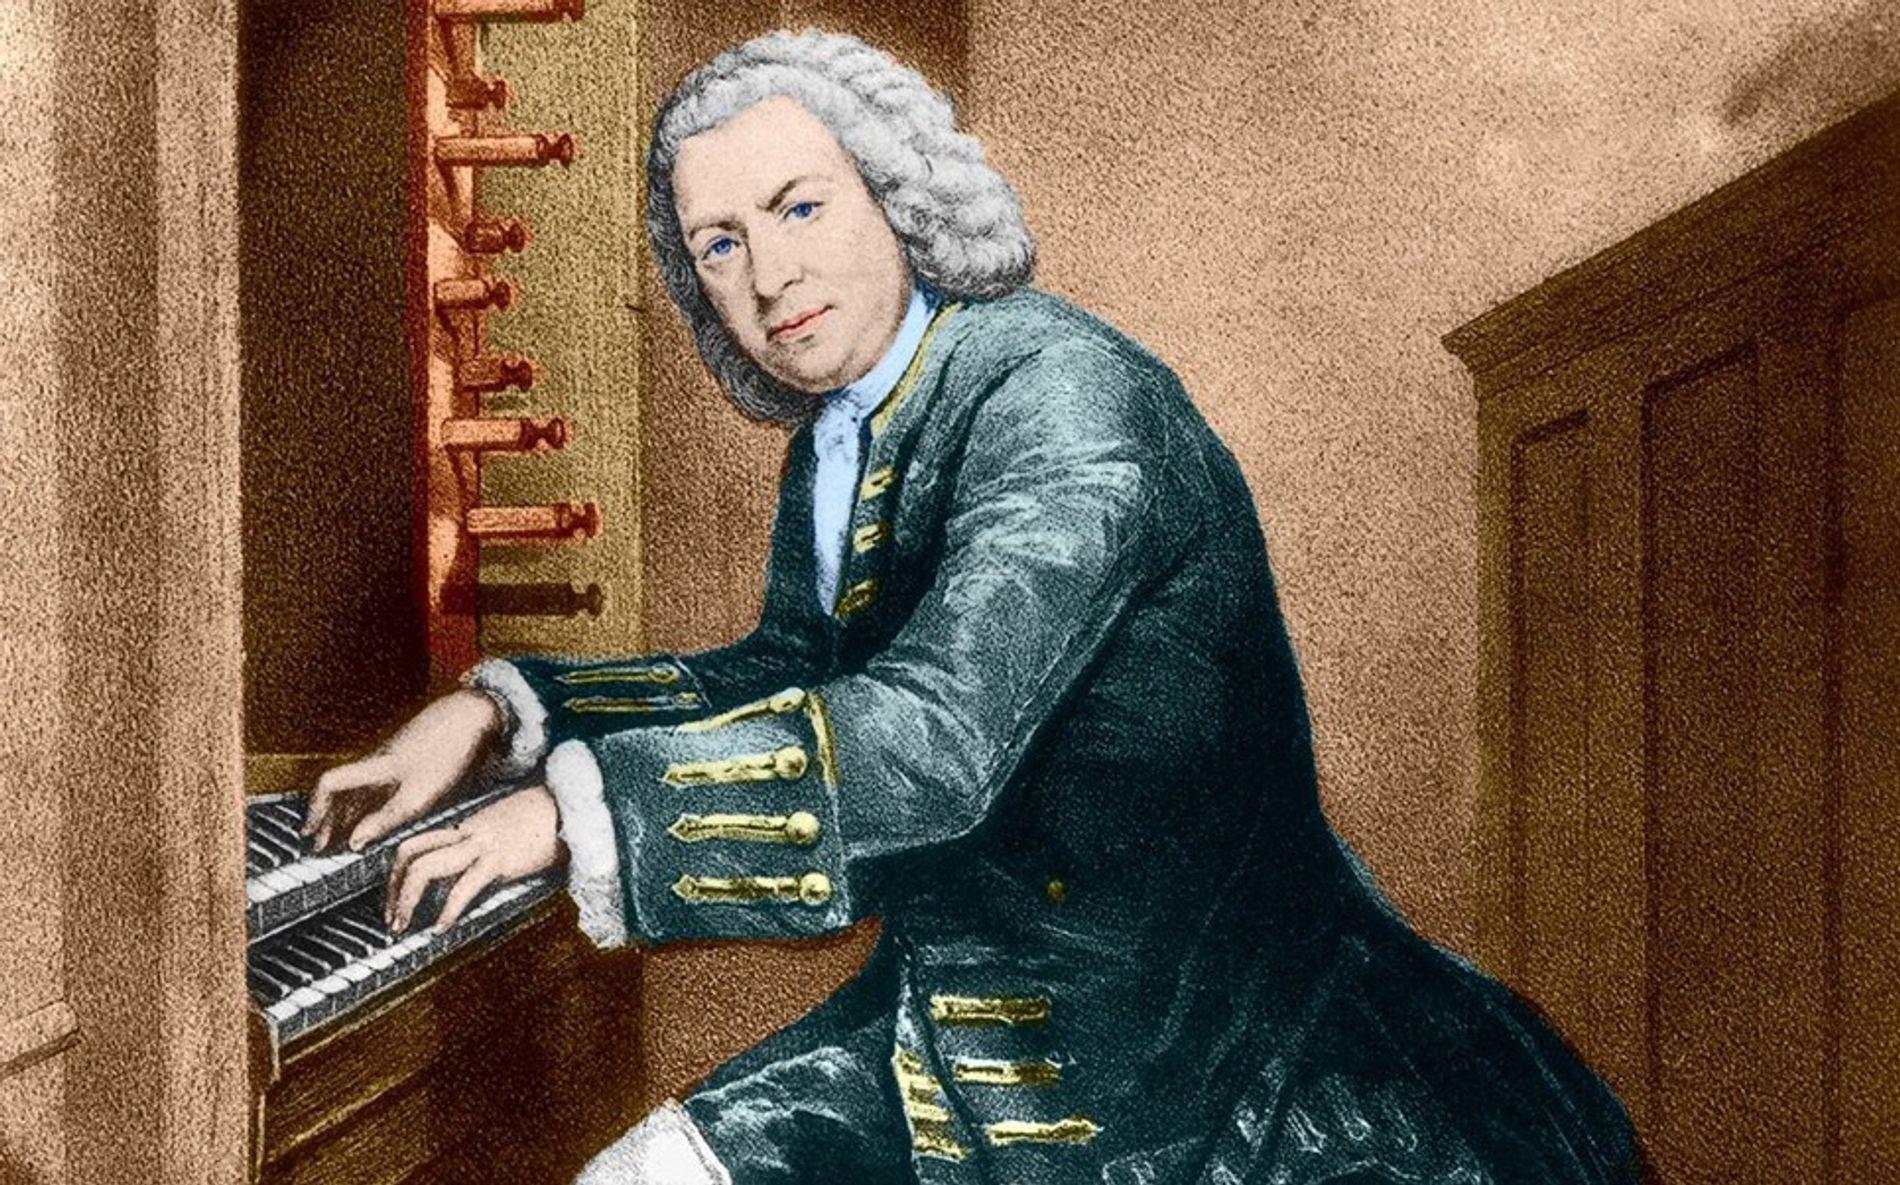 """Zu den Fans des barocken Komponisten Johann Sebastian Bach gehörte auch der Wissenschaftler Albert Einstein. In einem Interview mit einer Zeitschrift soll er einst gesagt haben: """"Was ich zu Bachs Lebenswerk zu sagen habe: Hören, spielen, lieben, verehren und – das Maul halten!"""""""